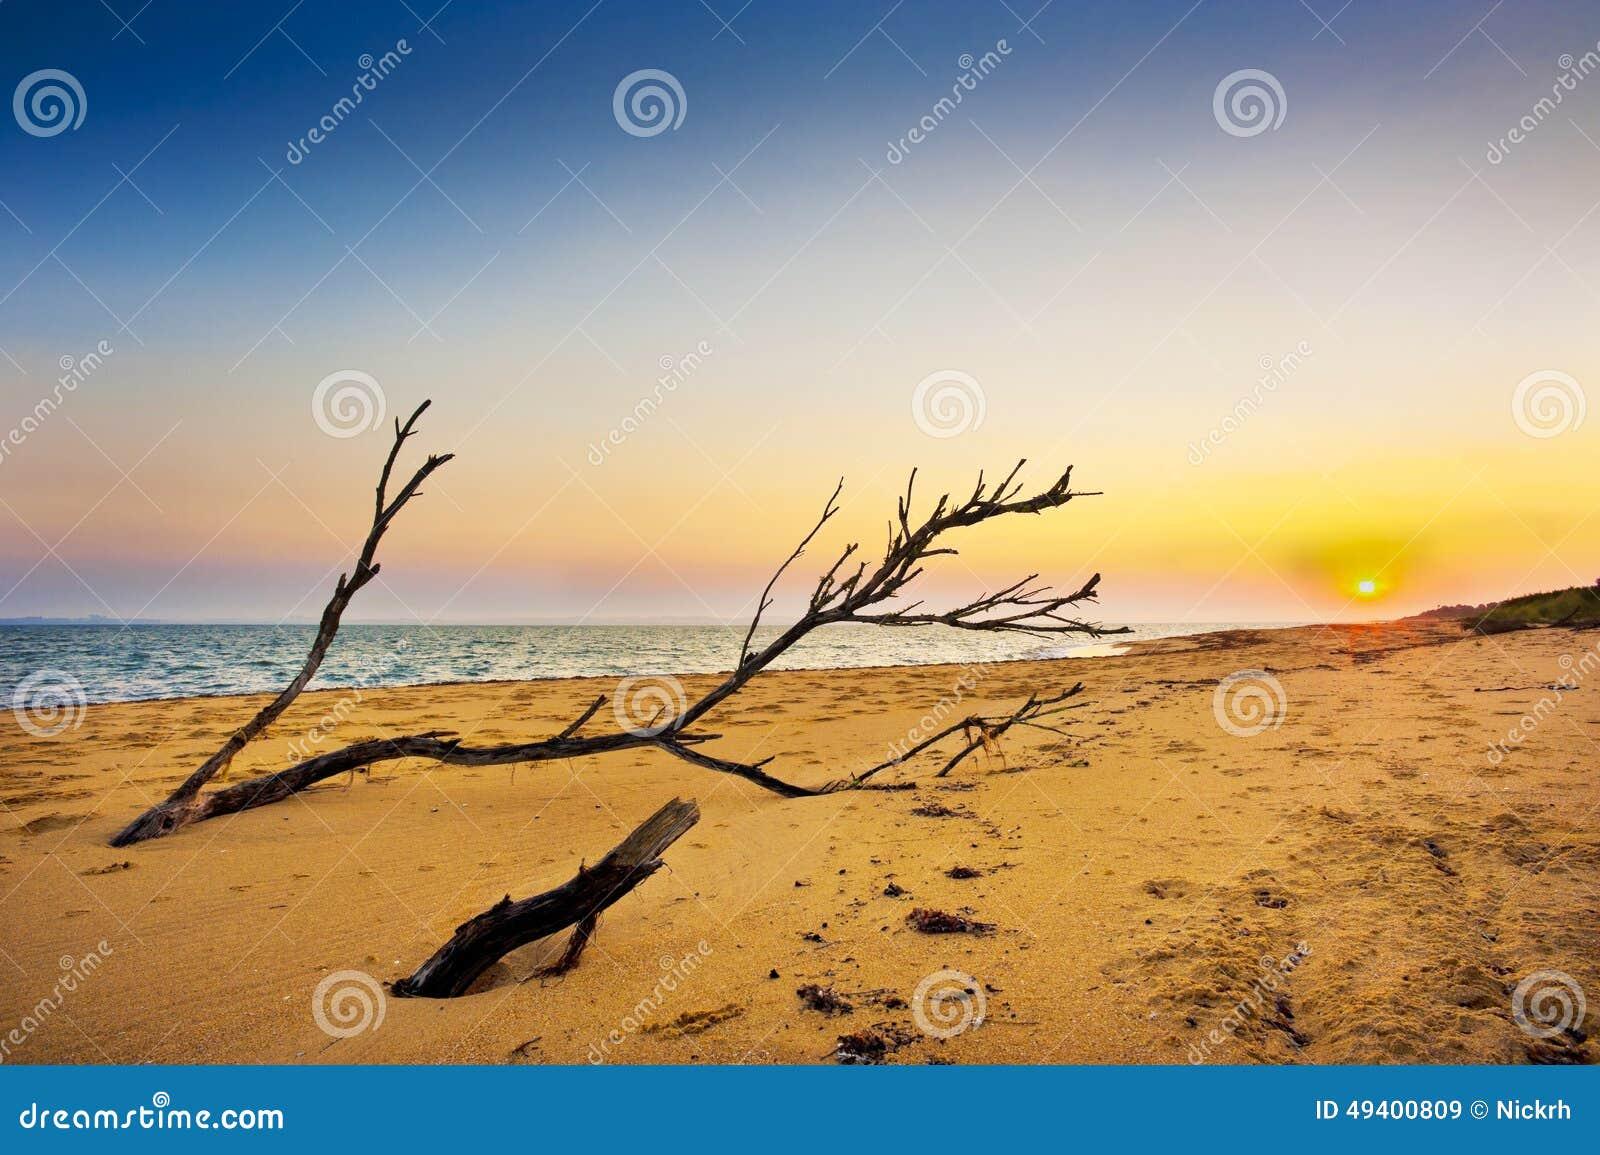 Download Treibholz stockbild. Bild von malerisch, verlassen, dämmerung - 49400809